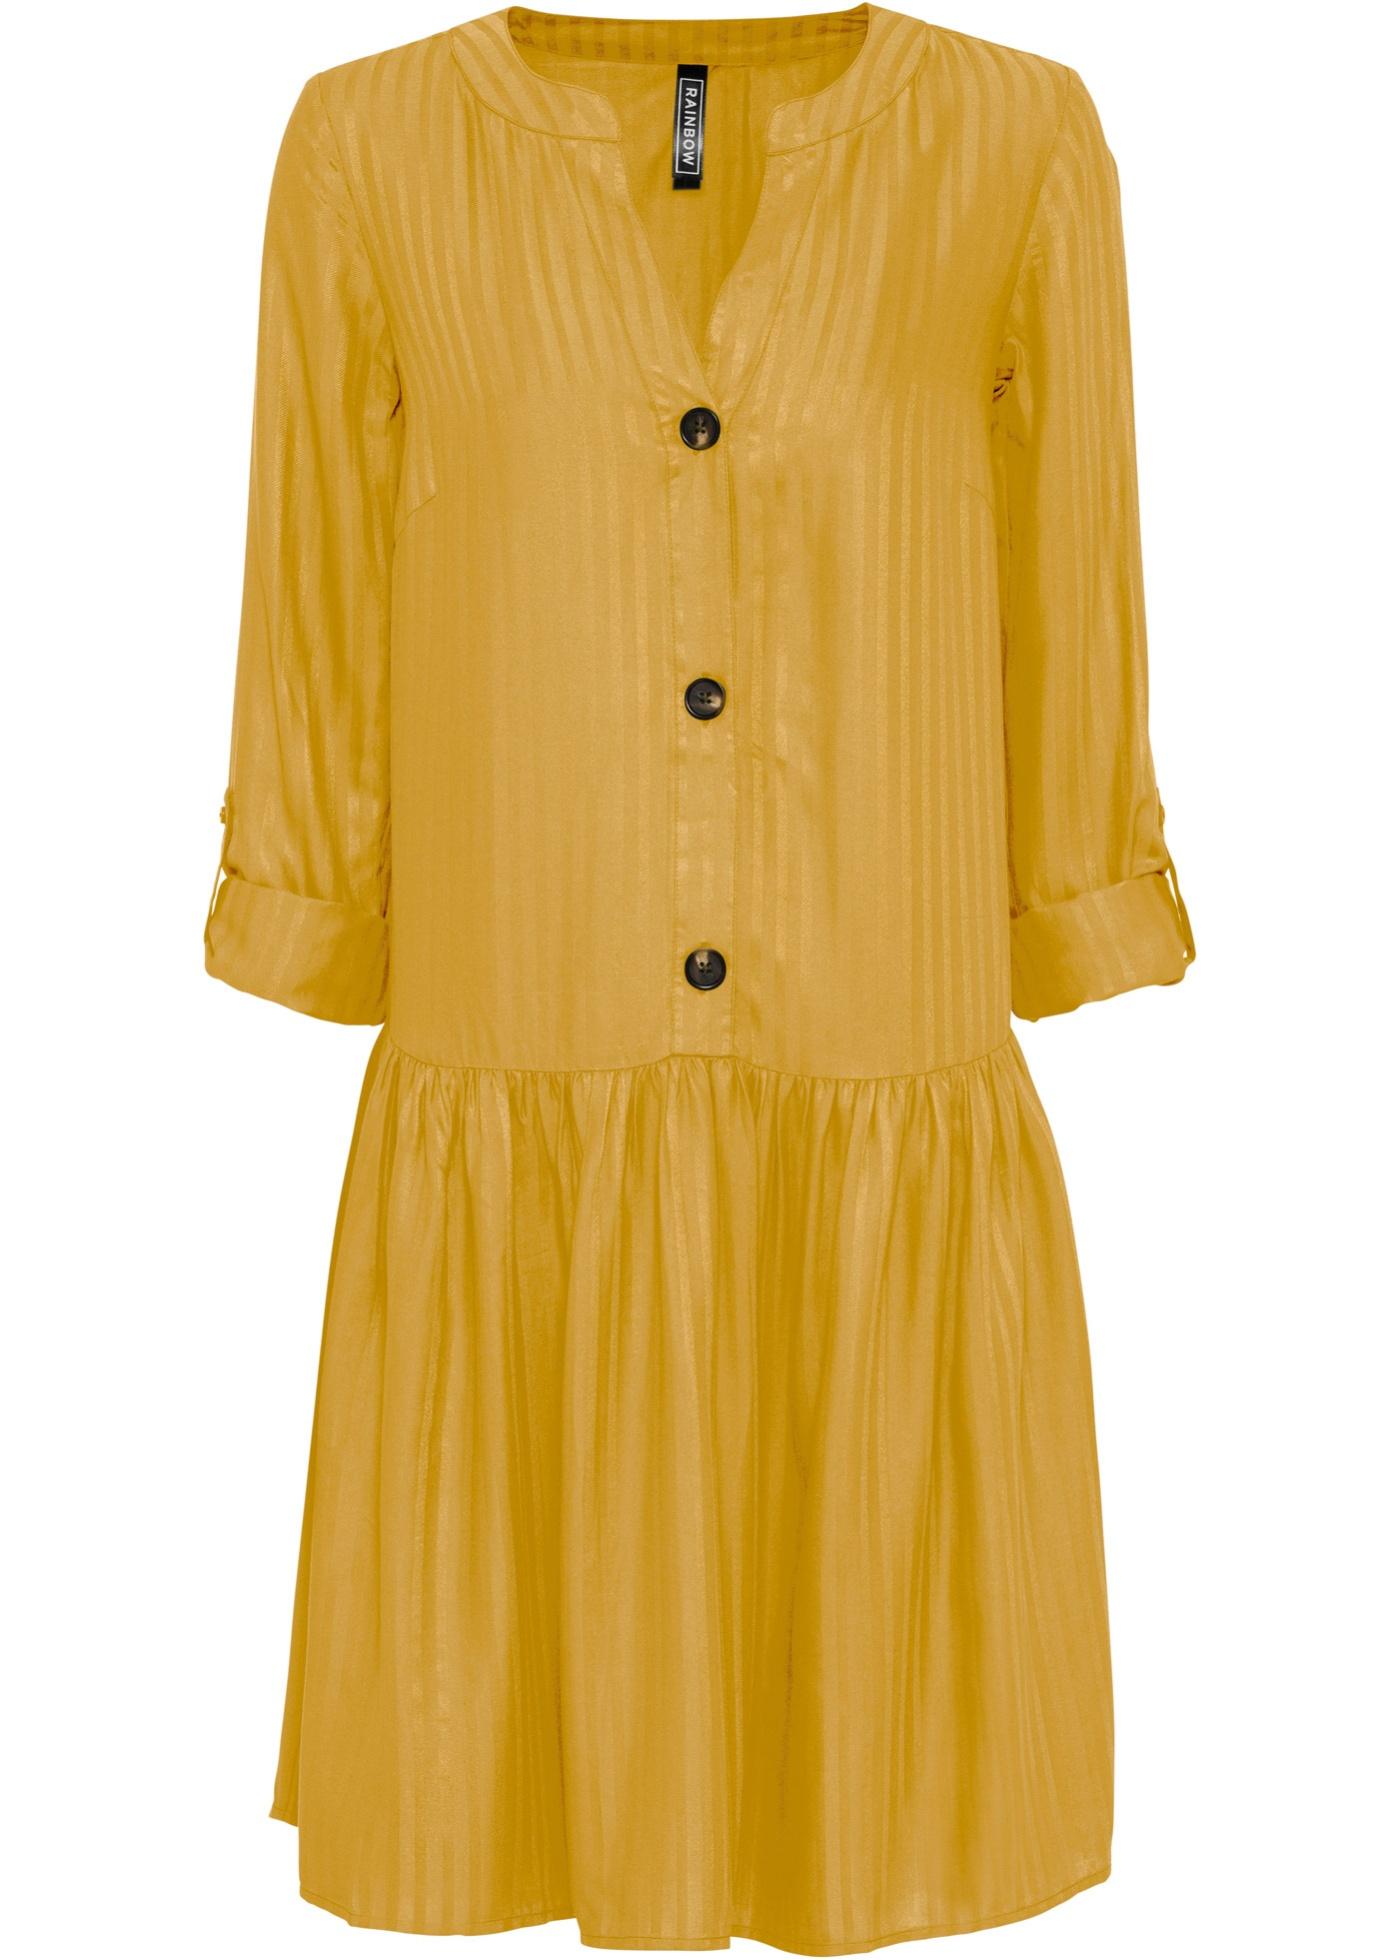 Levné Košilové šaty | Žlutá barva šatů